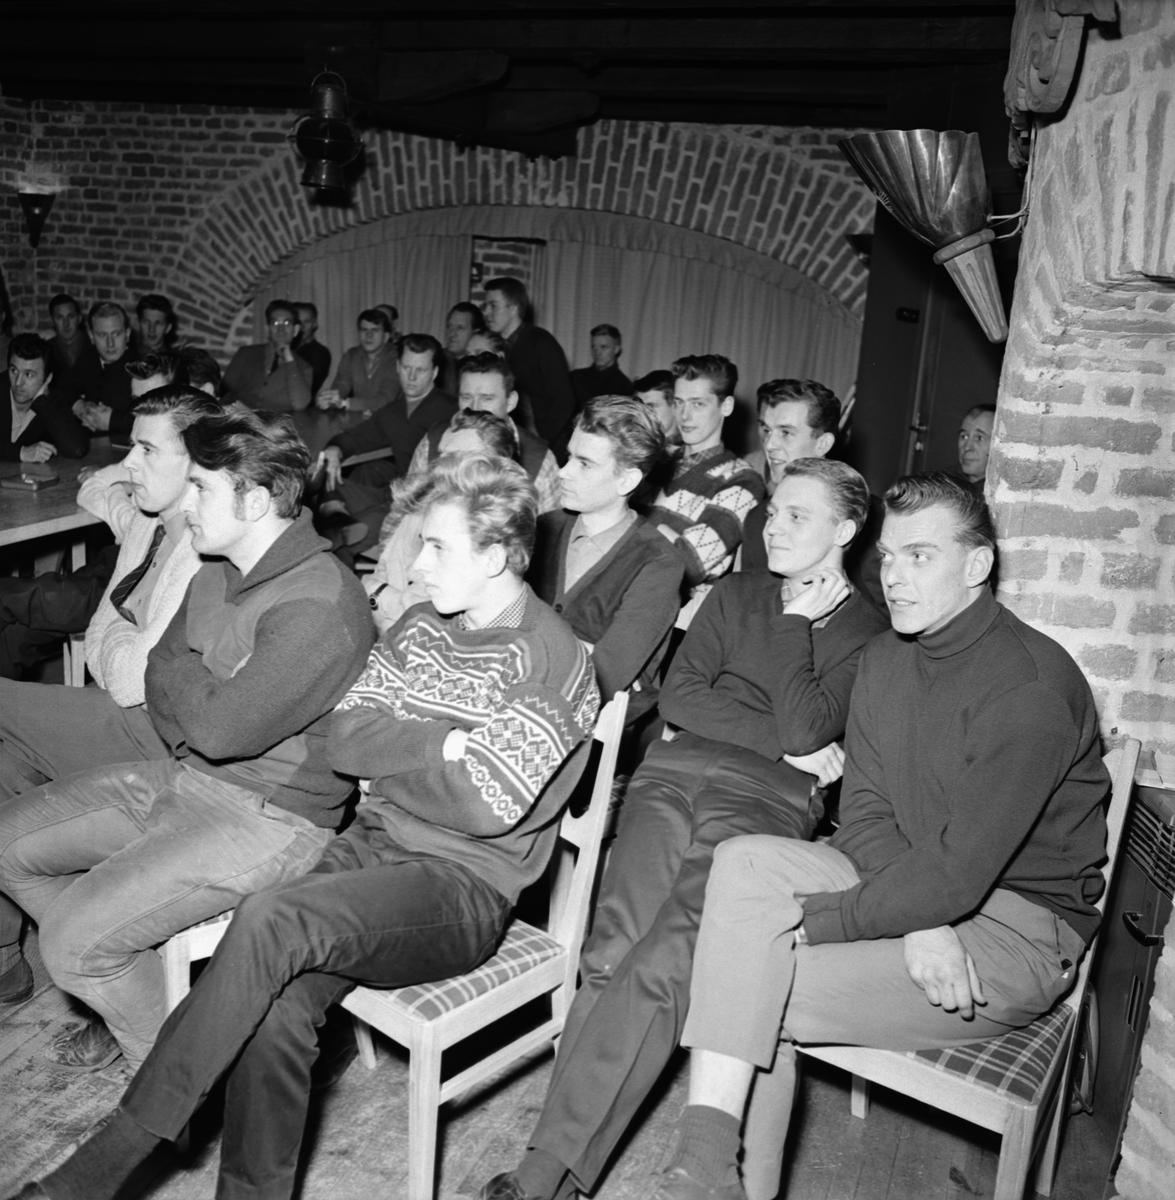 Övrigt: Foto datum: 15/1 1965 Verkstäder och personal. Kurs i gamla mastkranen (Lismark)